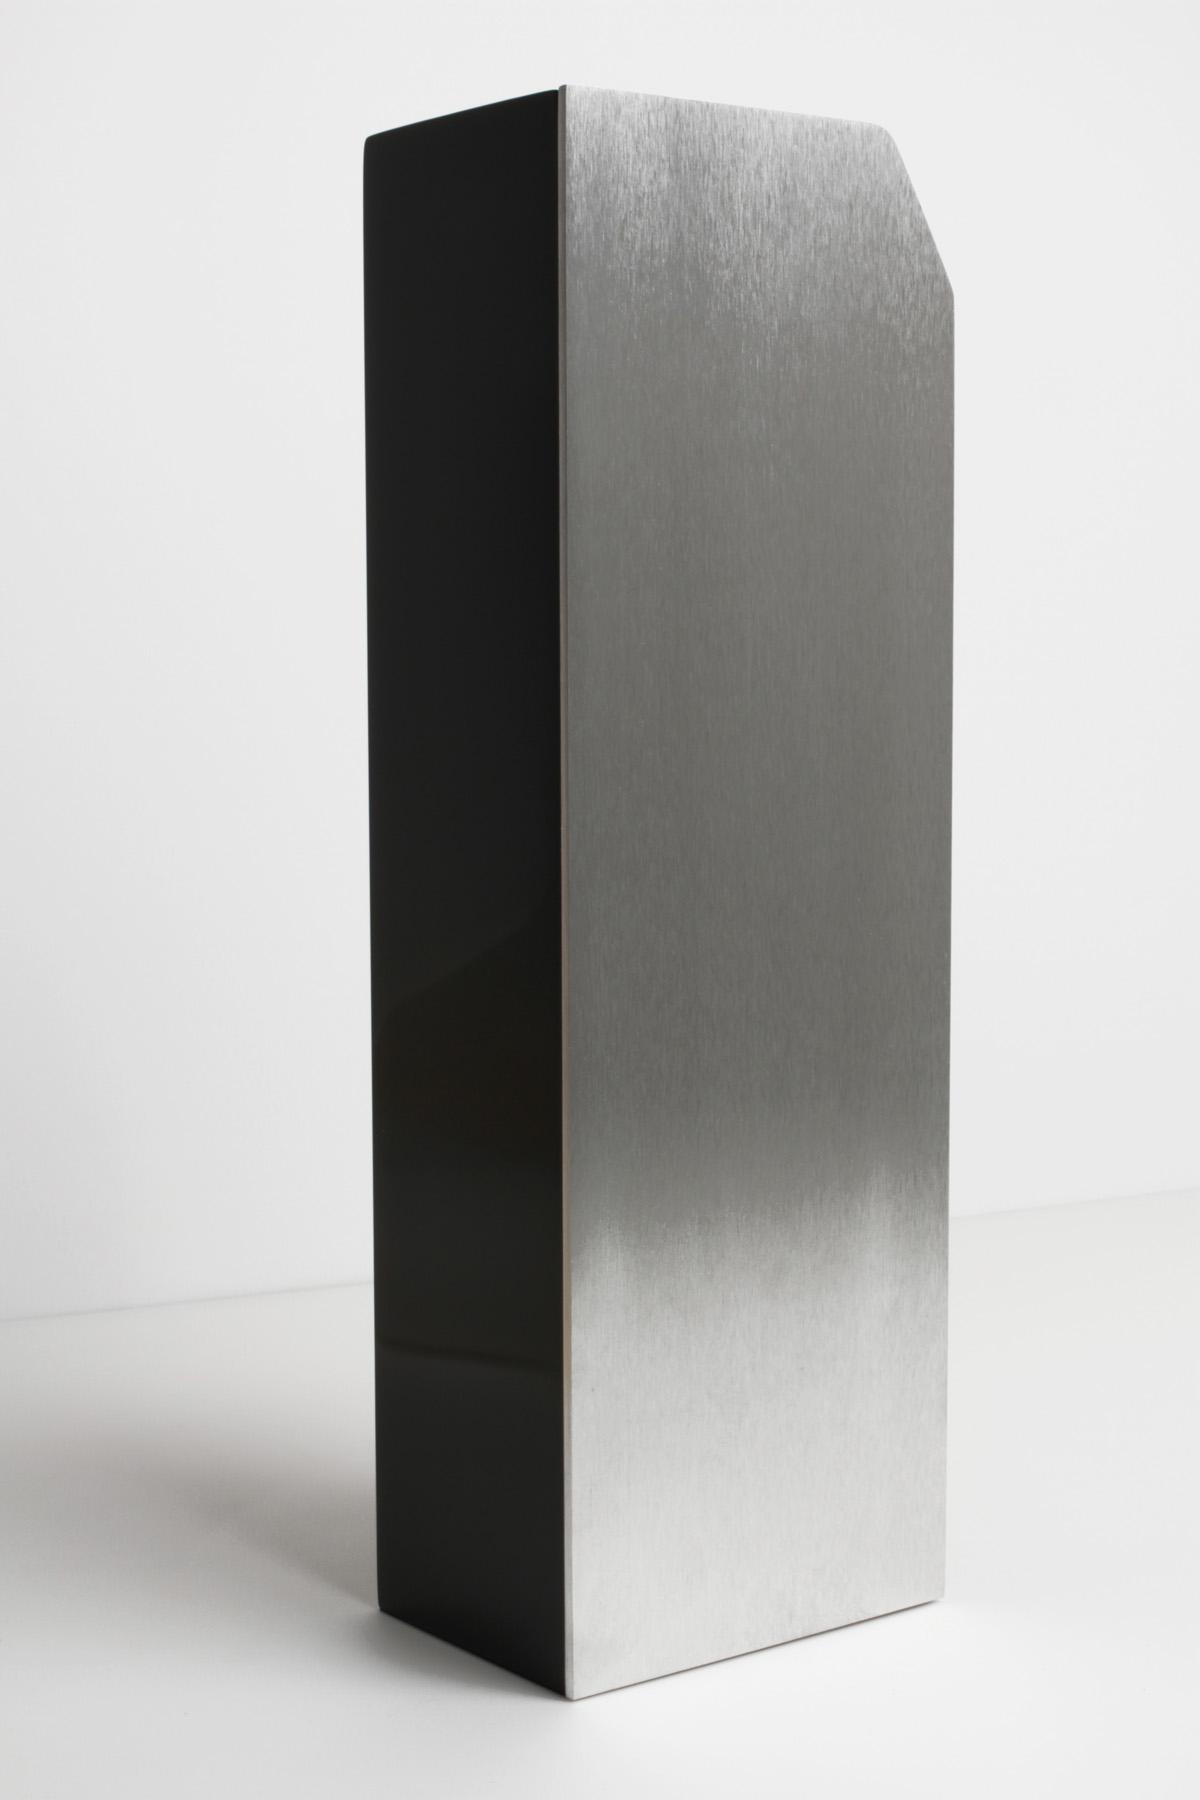 Trophée Audi2 fabrication DOS architecture logos vernis Léa Longis design sur-mesure Agence MAJOTIK